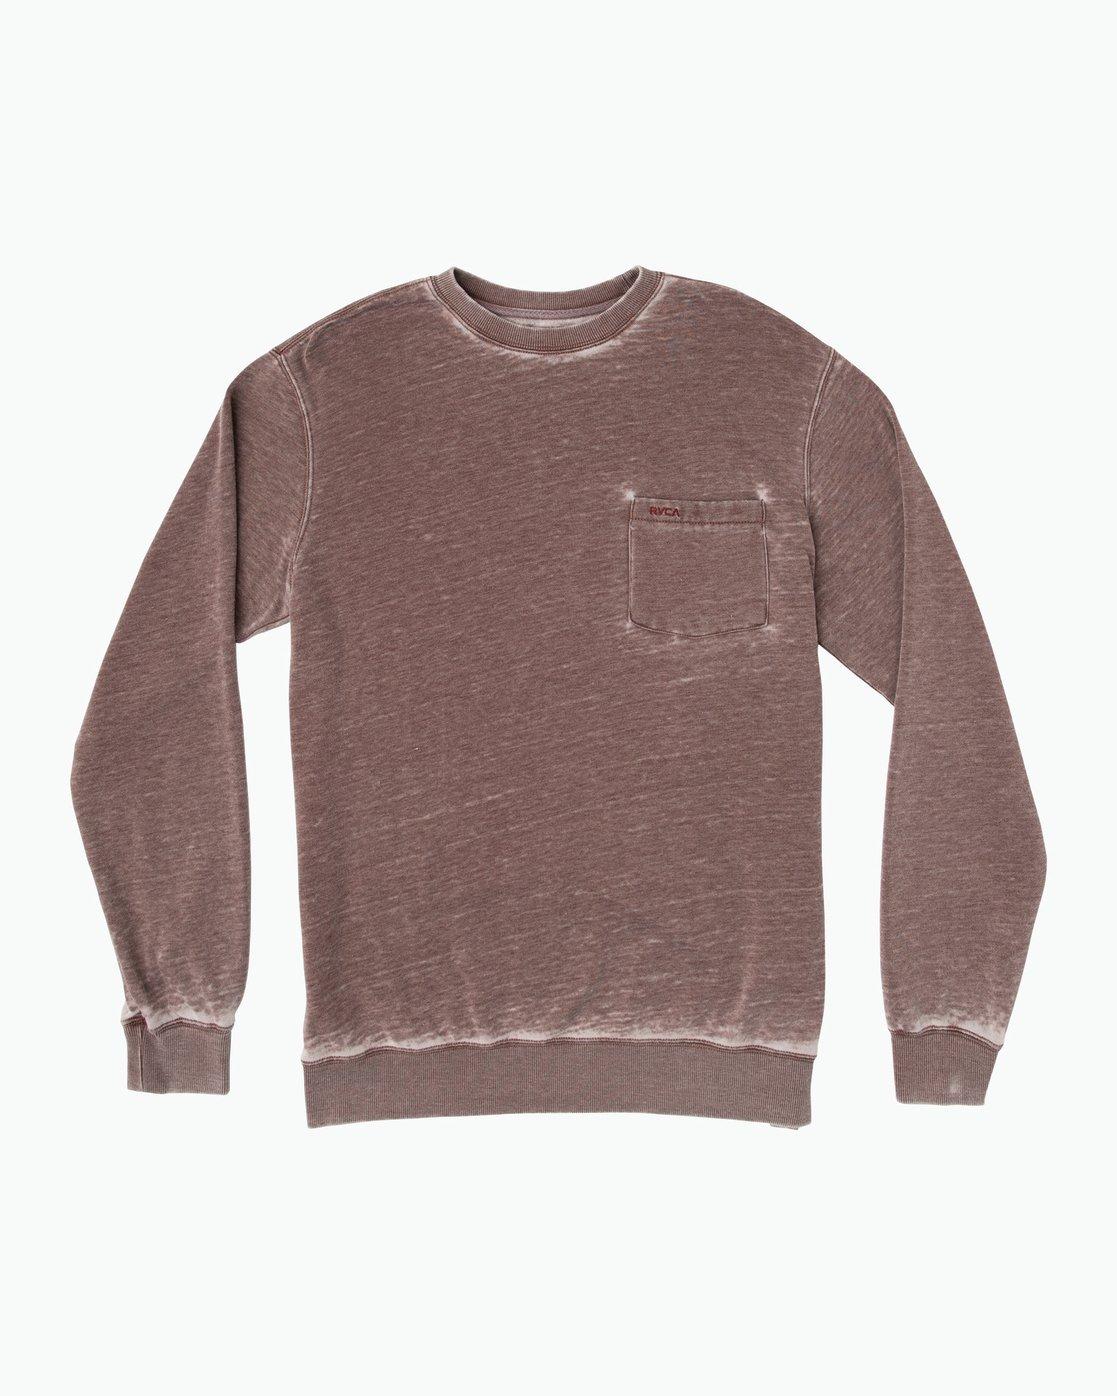 0 Barrel Pocket Crew Sweatshirt Red M643SRBL RVCA